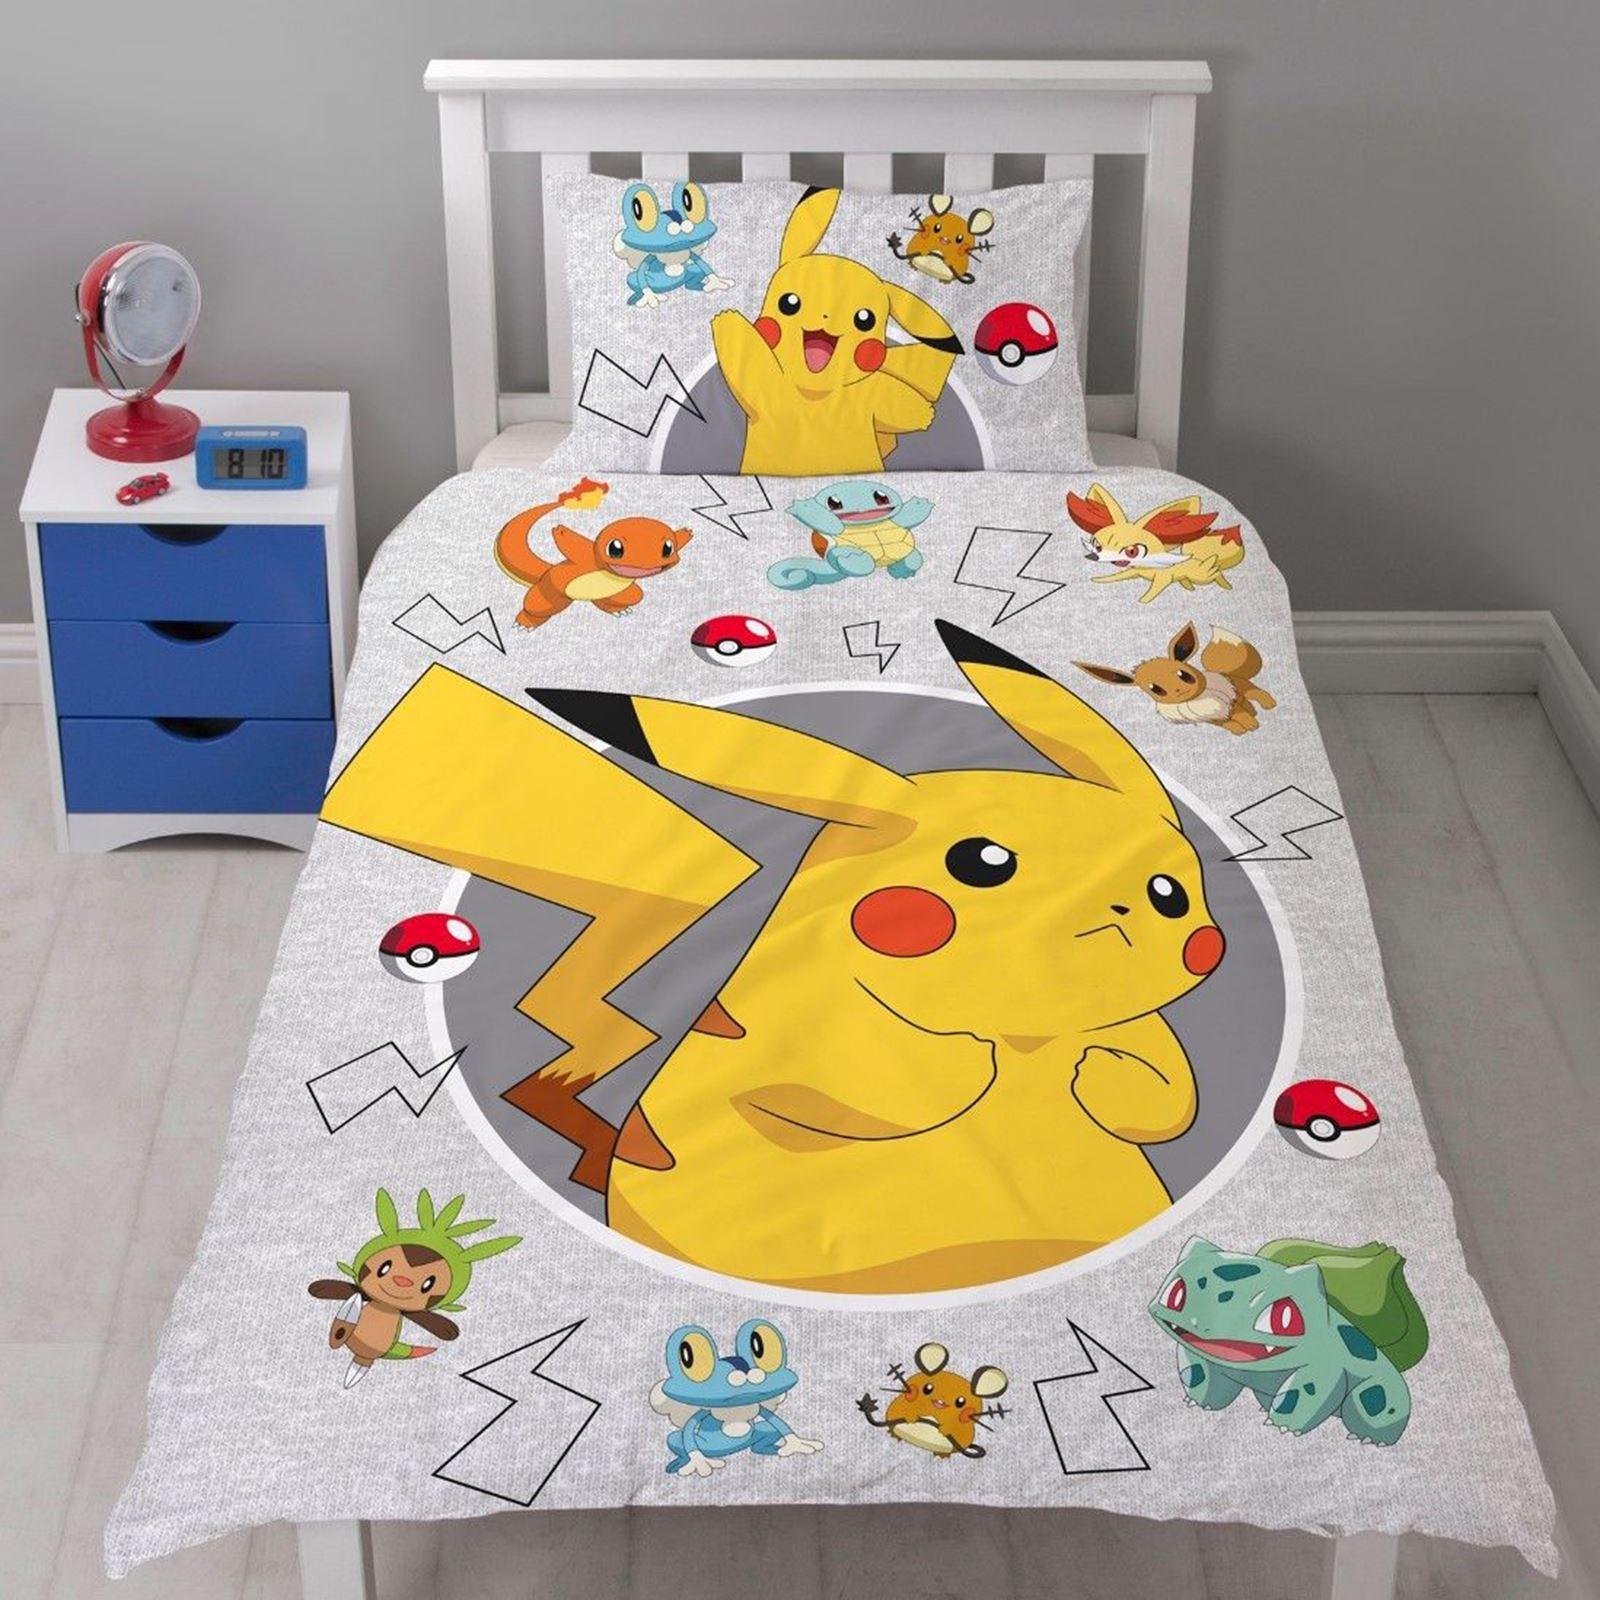 Pokemon Duvet Cover Sets Kids Bedding Single Amp Double